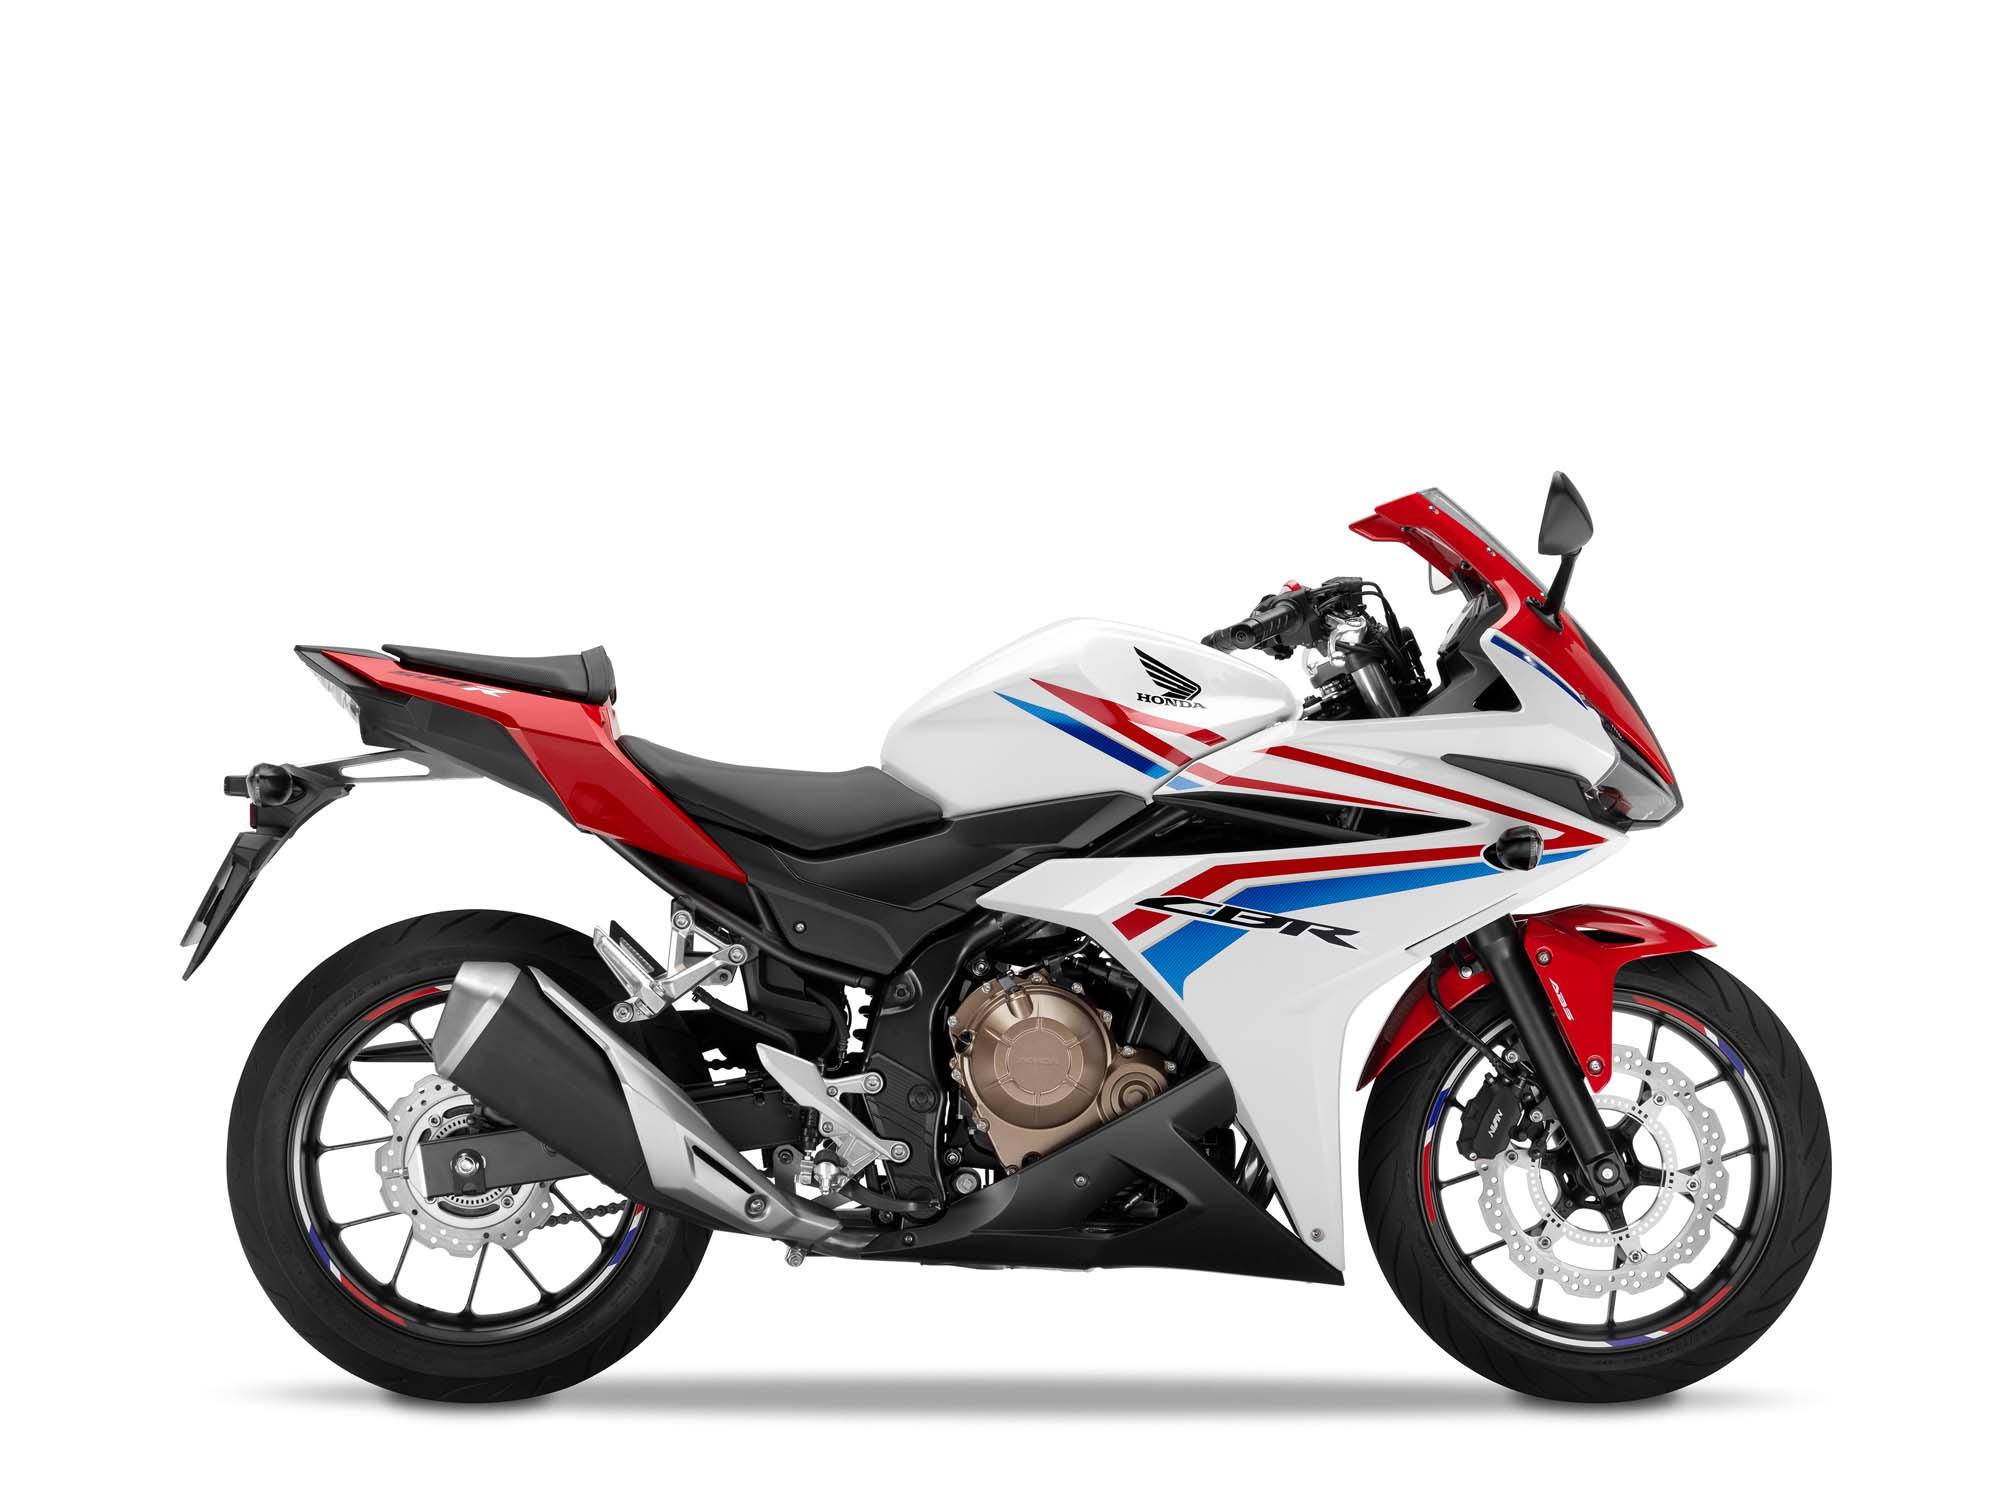 Motorrad Occasion Honda CBR 500 R kaufen Honda Occasions